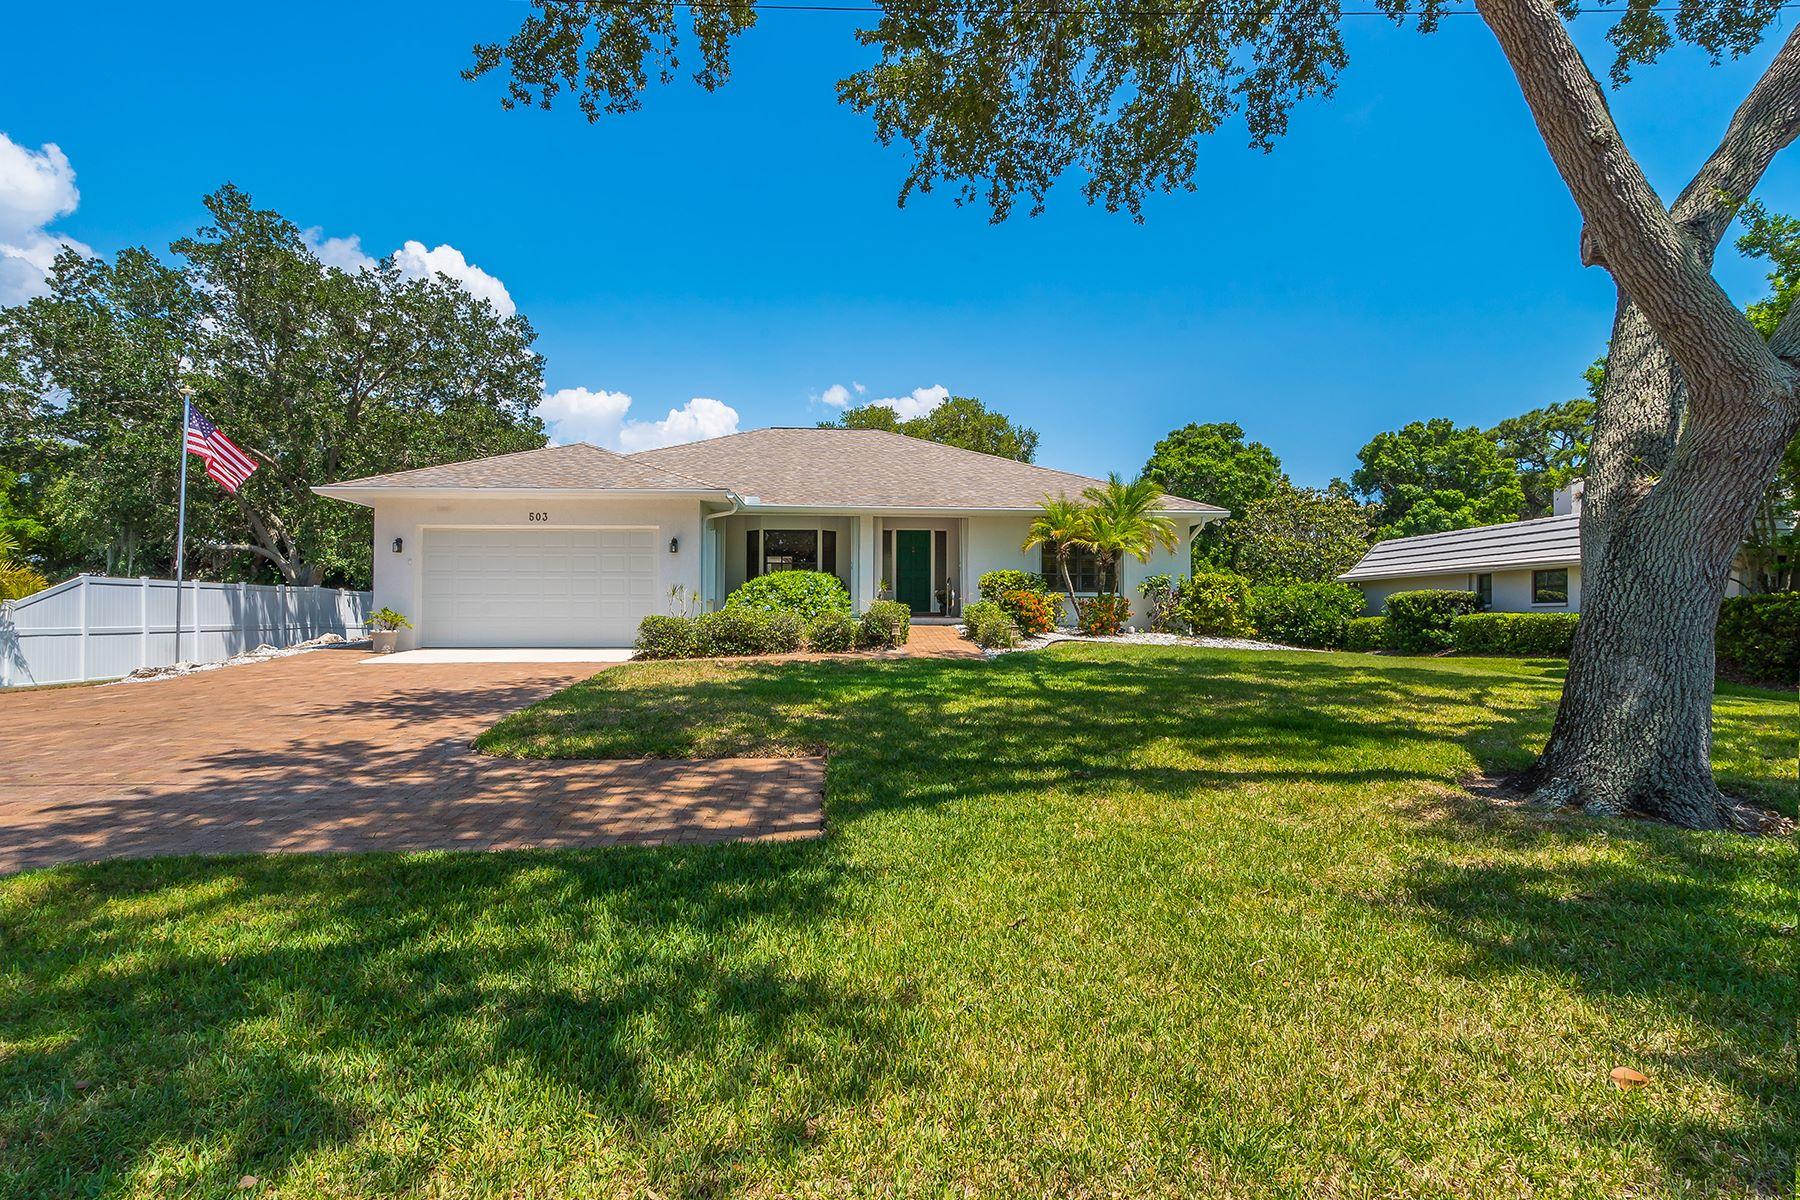 一戸建て のために 売買 アット BAY POINT 503 Lyons Bay Rd Nokomis, フロリダ, 34275 アメリカ合衆国